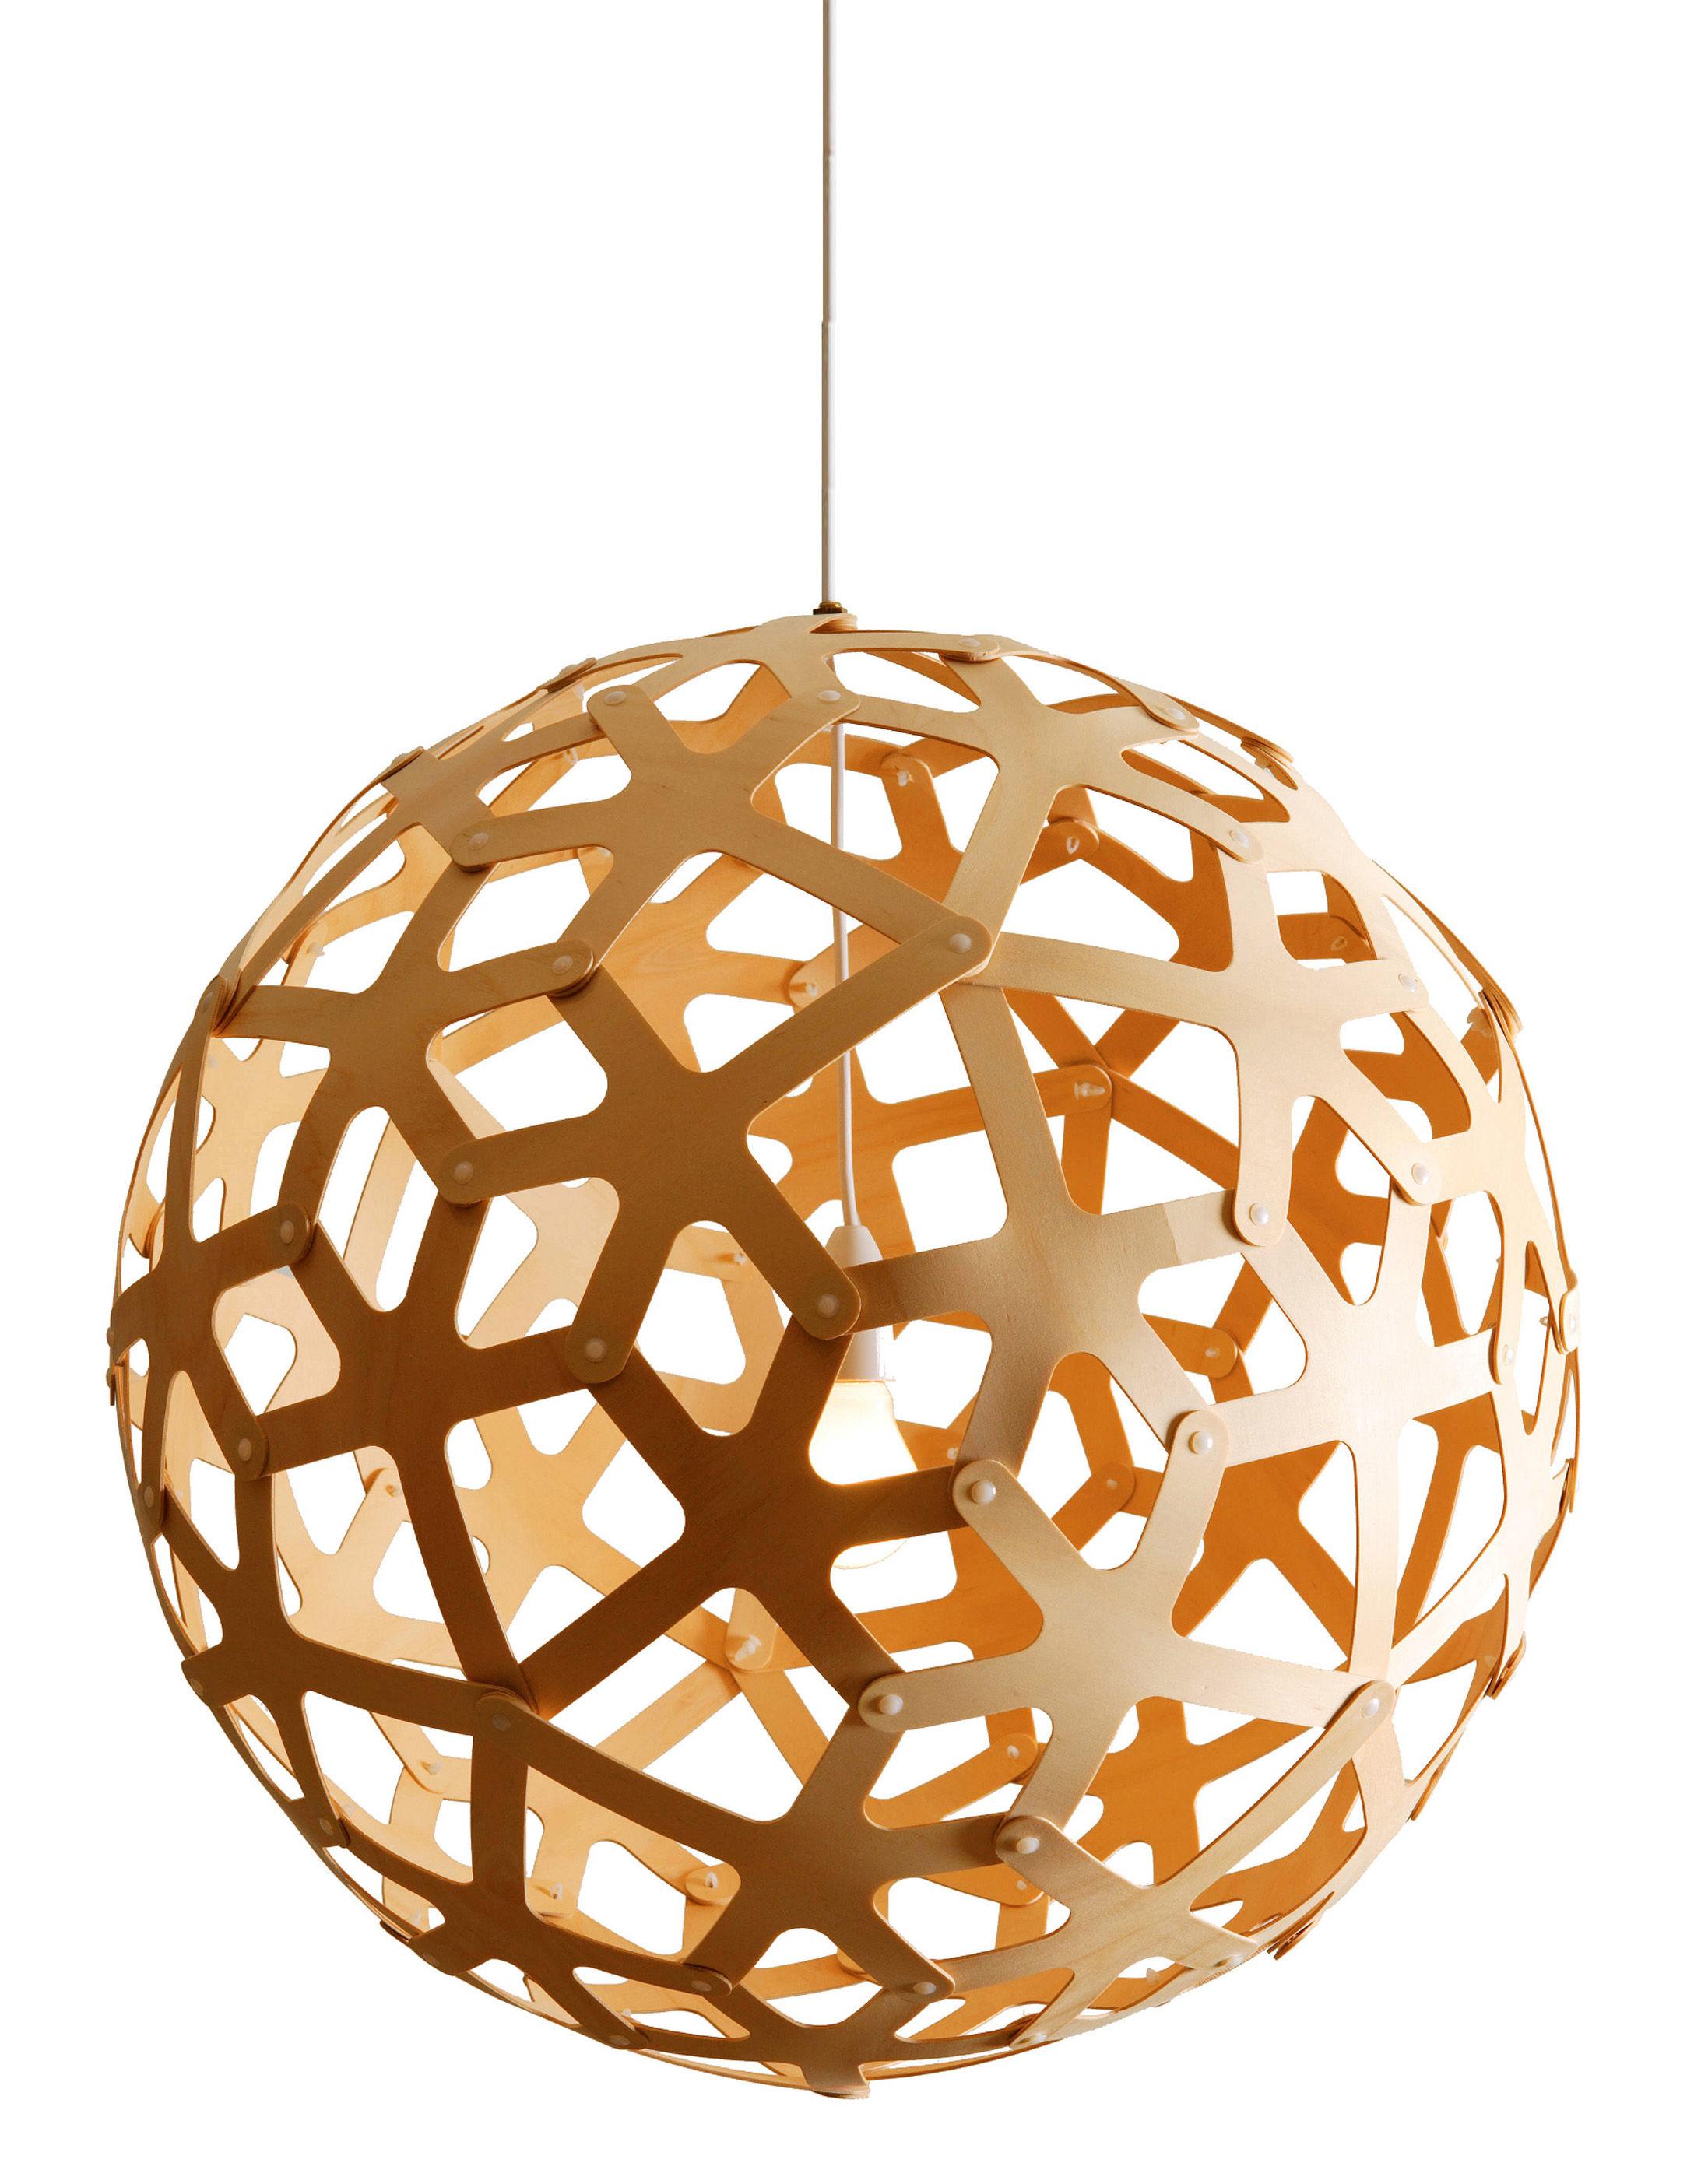 Luminaire - Suspensions - Suspension Coral / Ø 40 cm - Bois naturel - David Trubridge - Bois naturel - Pin